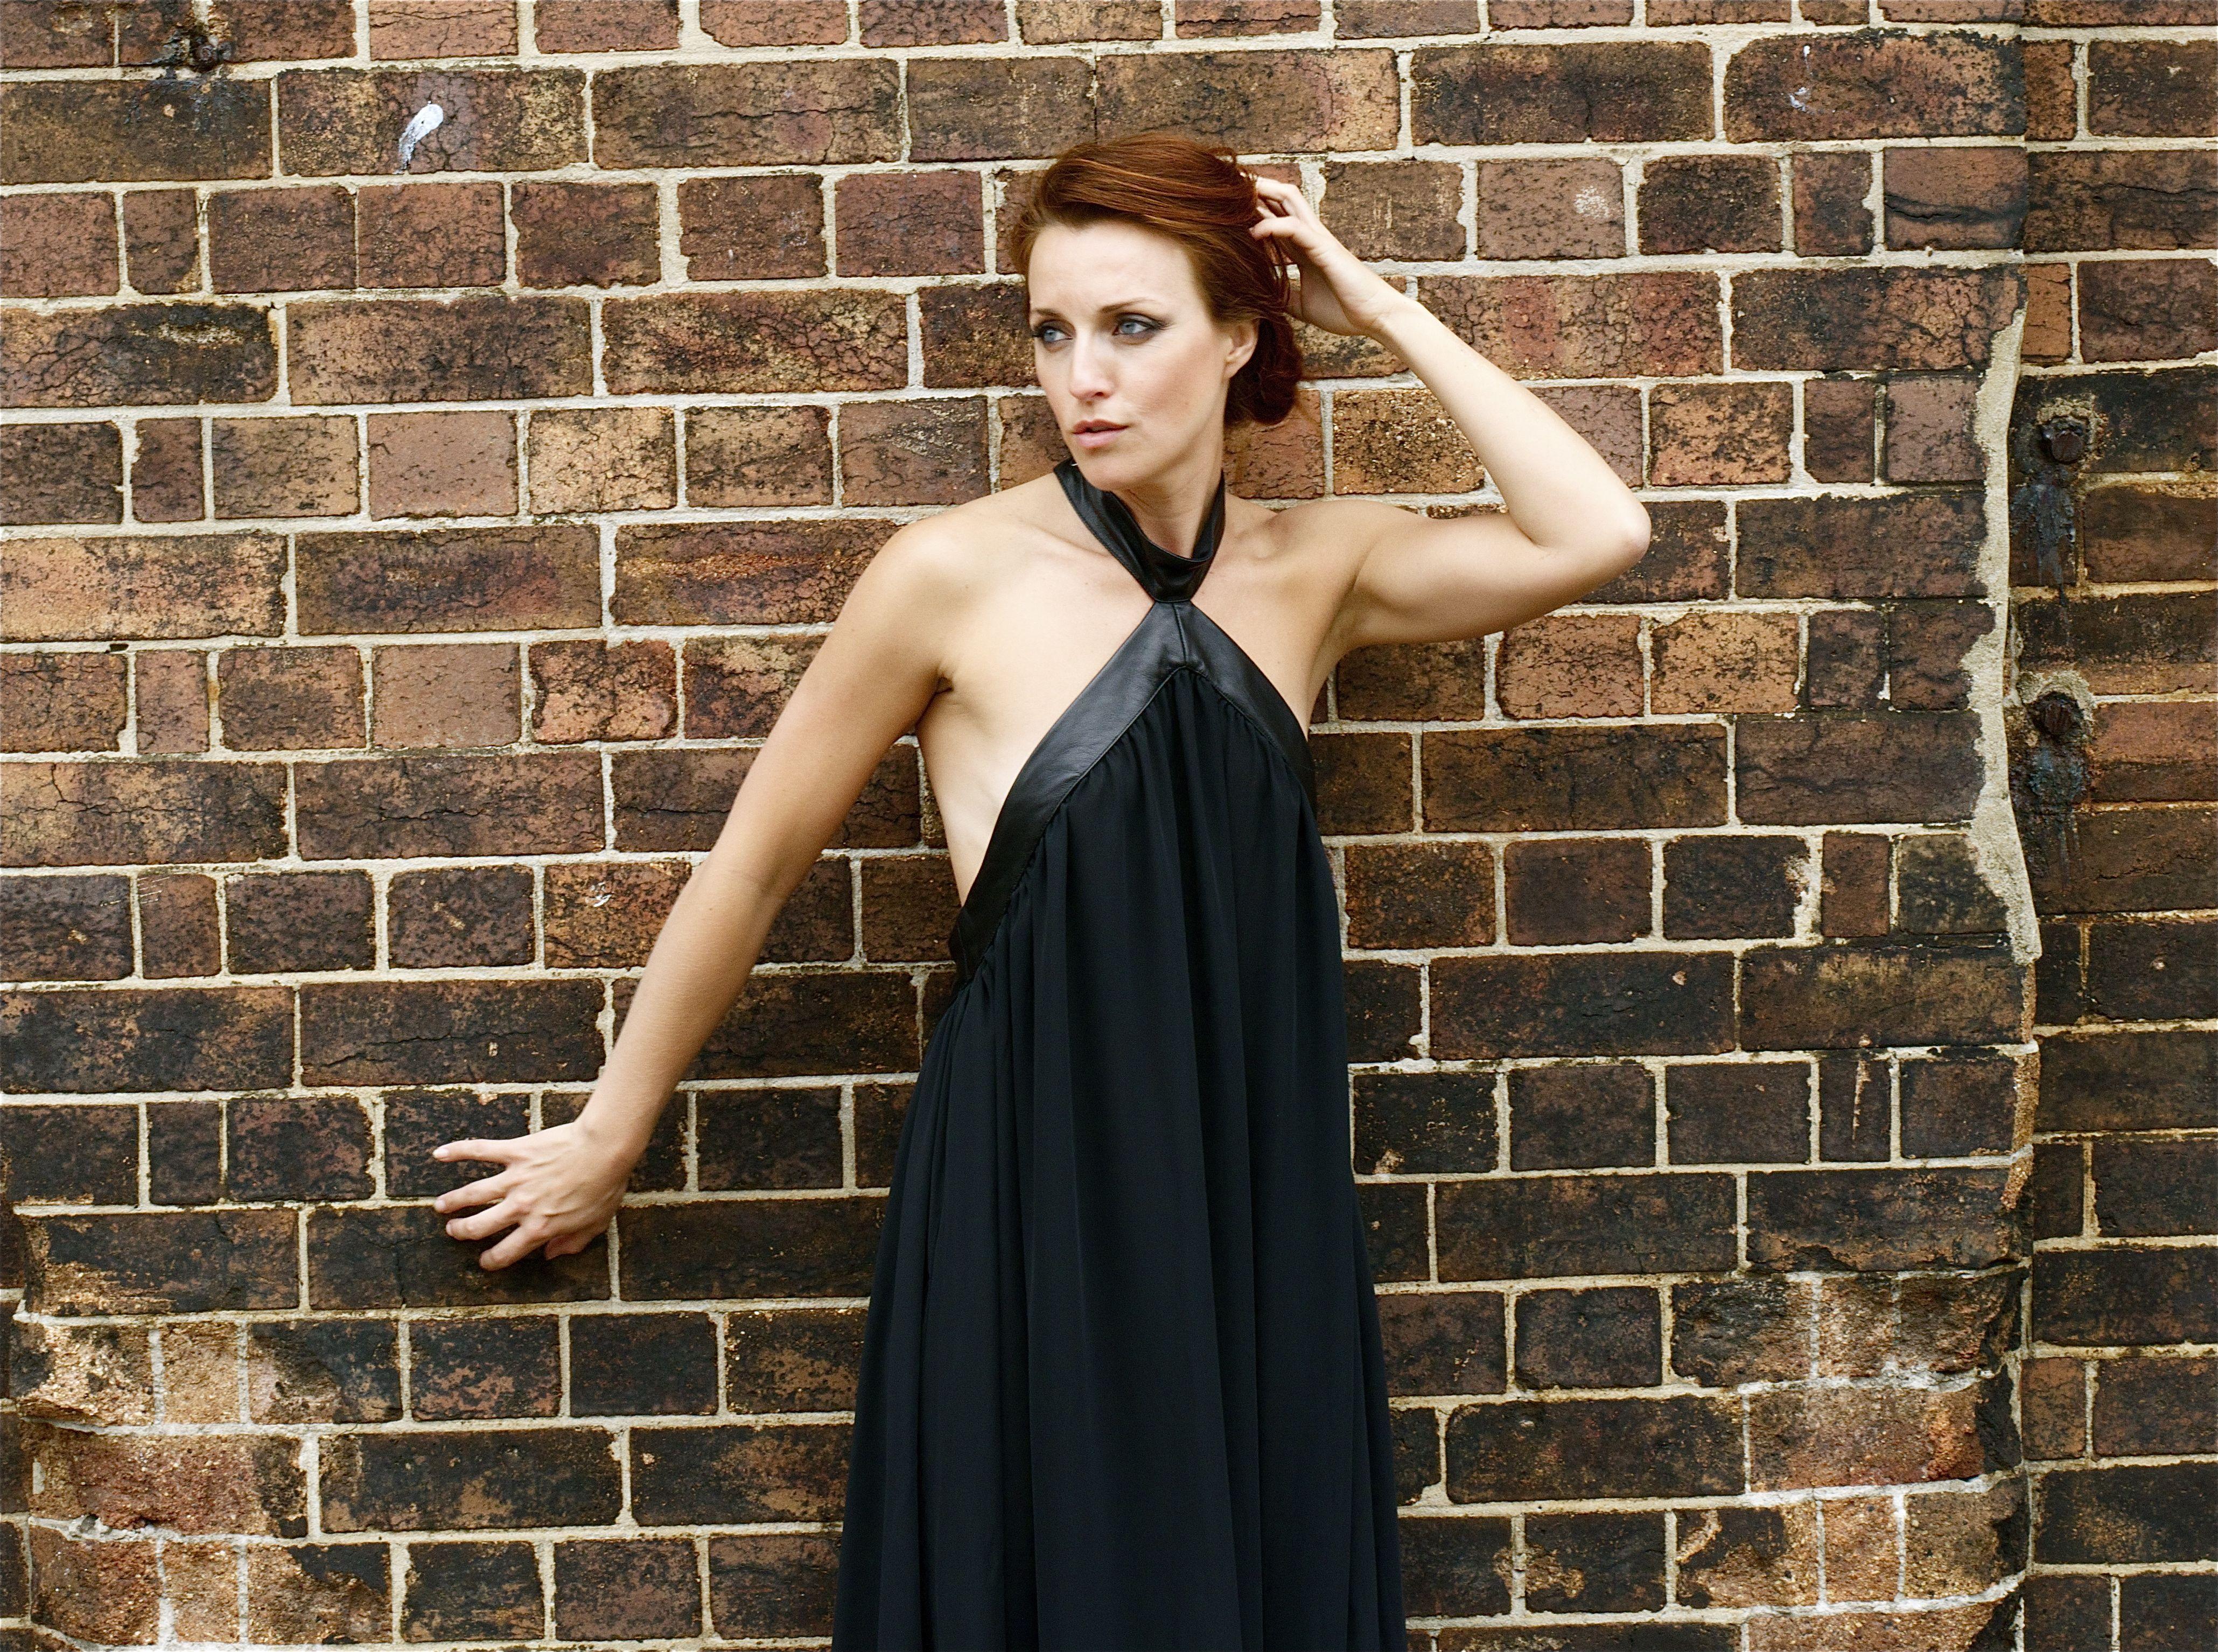 Australia's Kate Austin